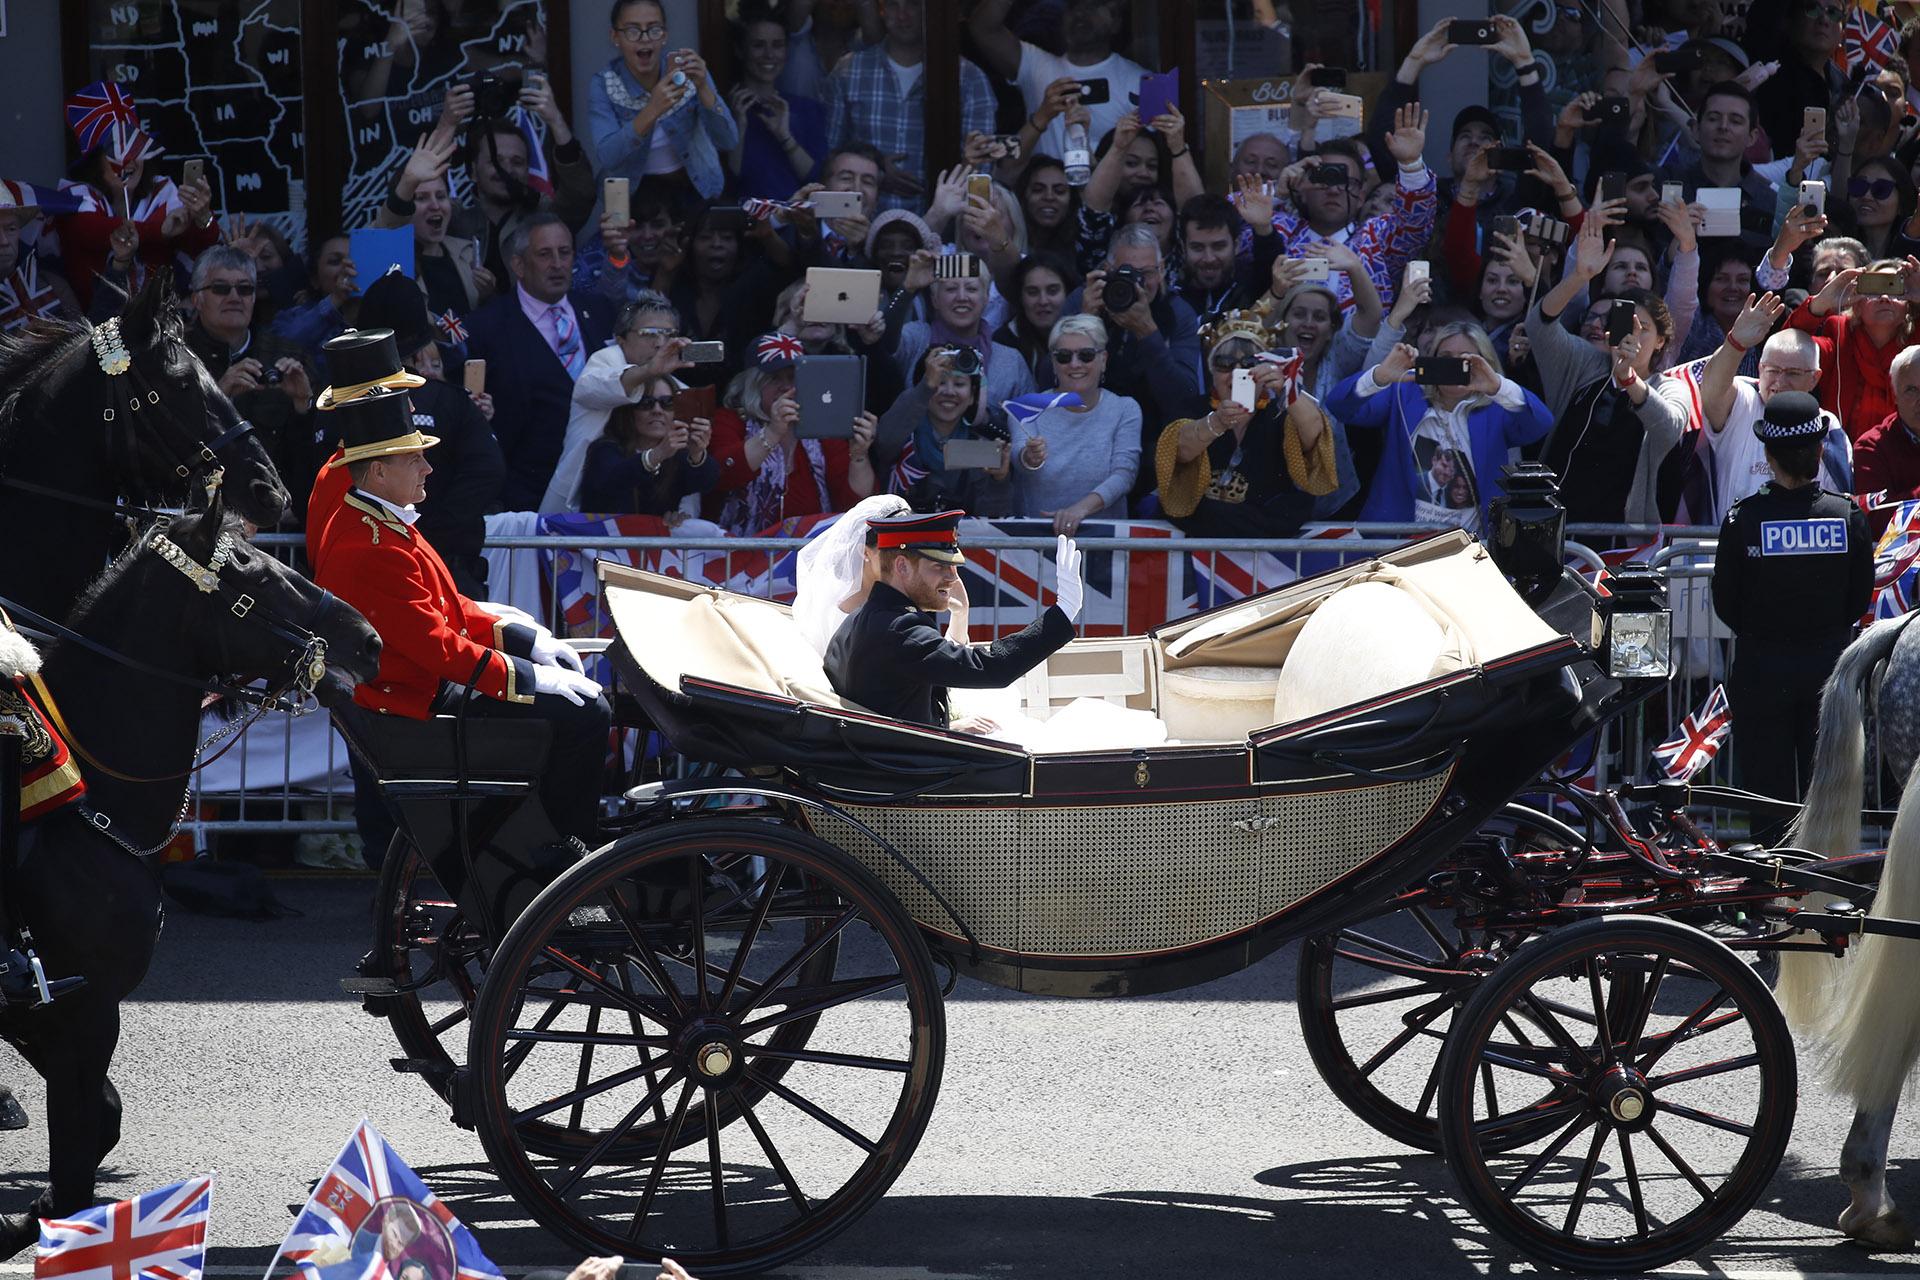 La segunda fiesta, por la noche, se celebra enFrogmore House -una espectacular residencia de la familia real- y es solopara 200 exclusivos invitados (AFP)